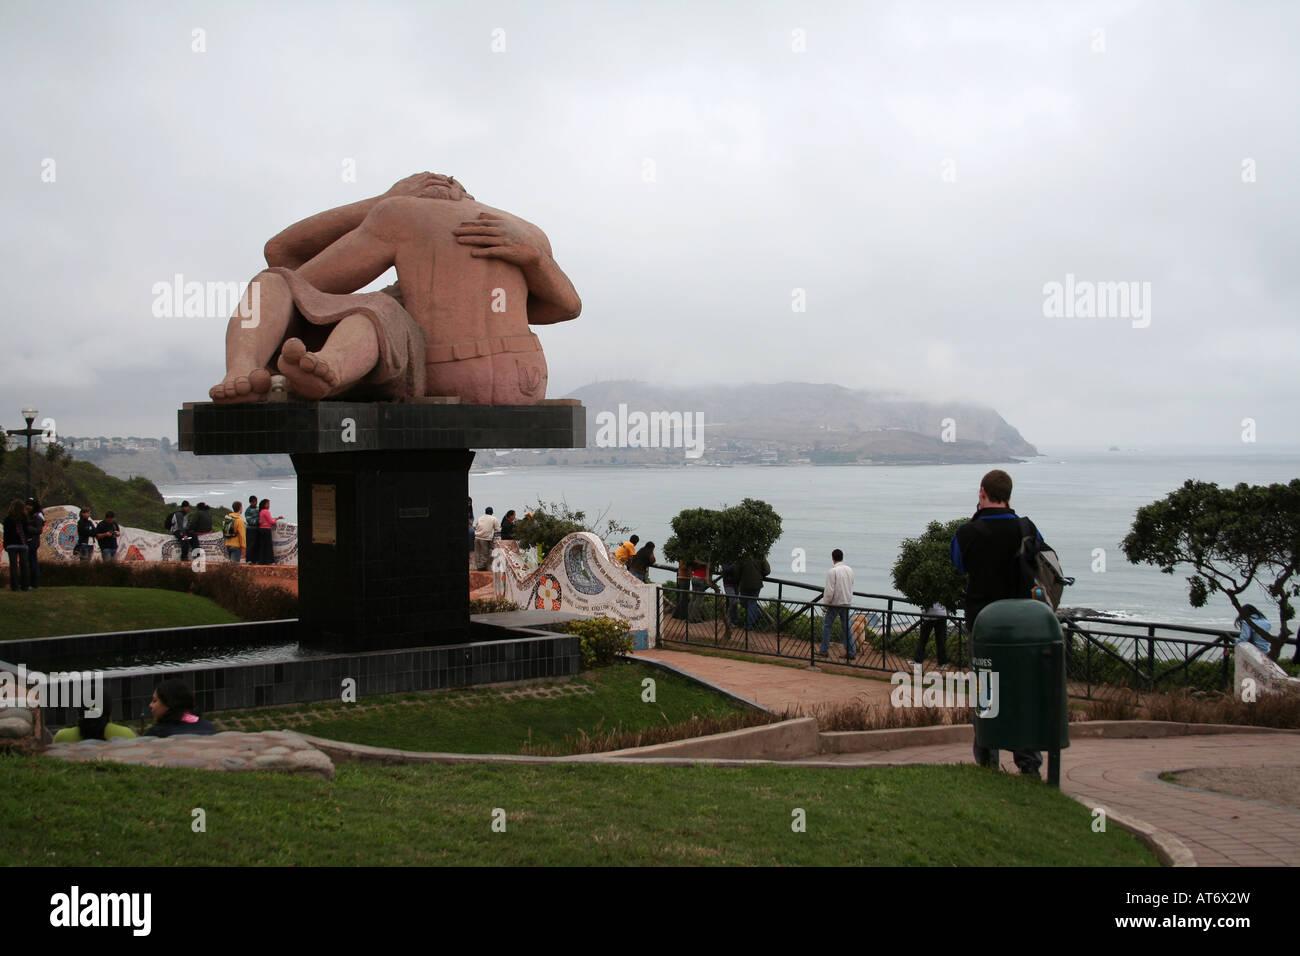 Parque del amor de Miraflores, Lima, Perú Imagen De Stock